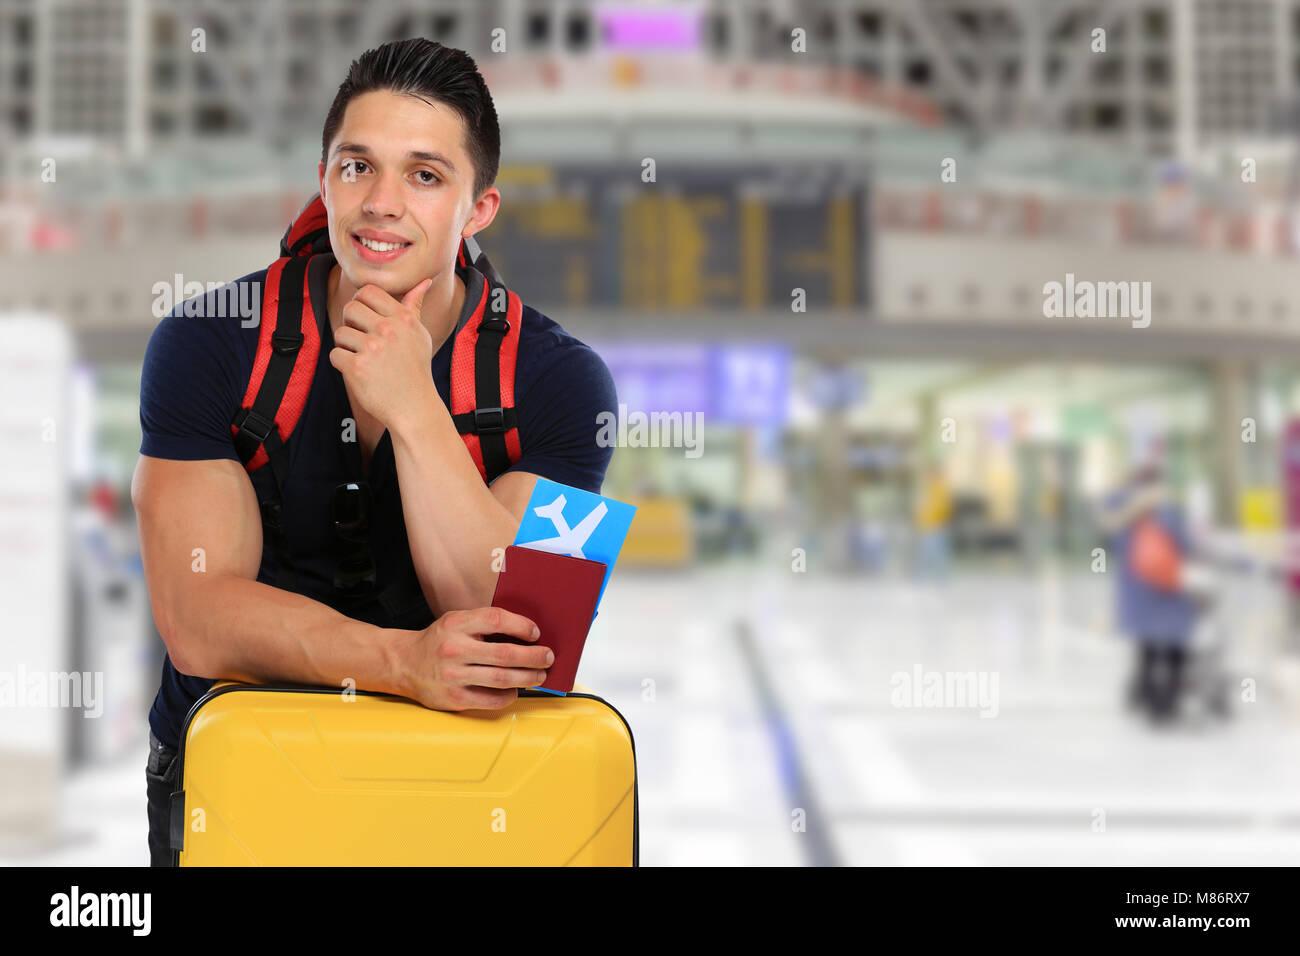 Junger Mann Flugticket fliegen Flughafen reisen urlaub ferien reisen Gepäck Gepäck Stockbild